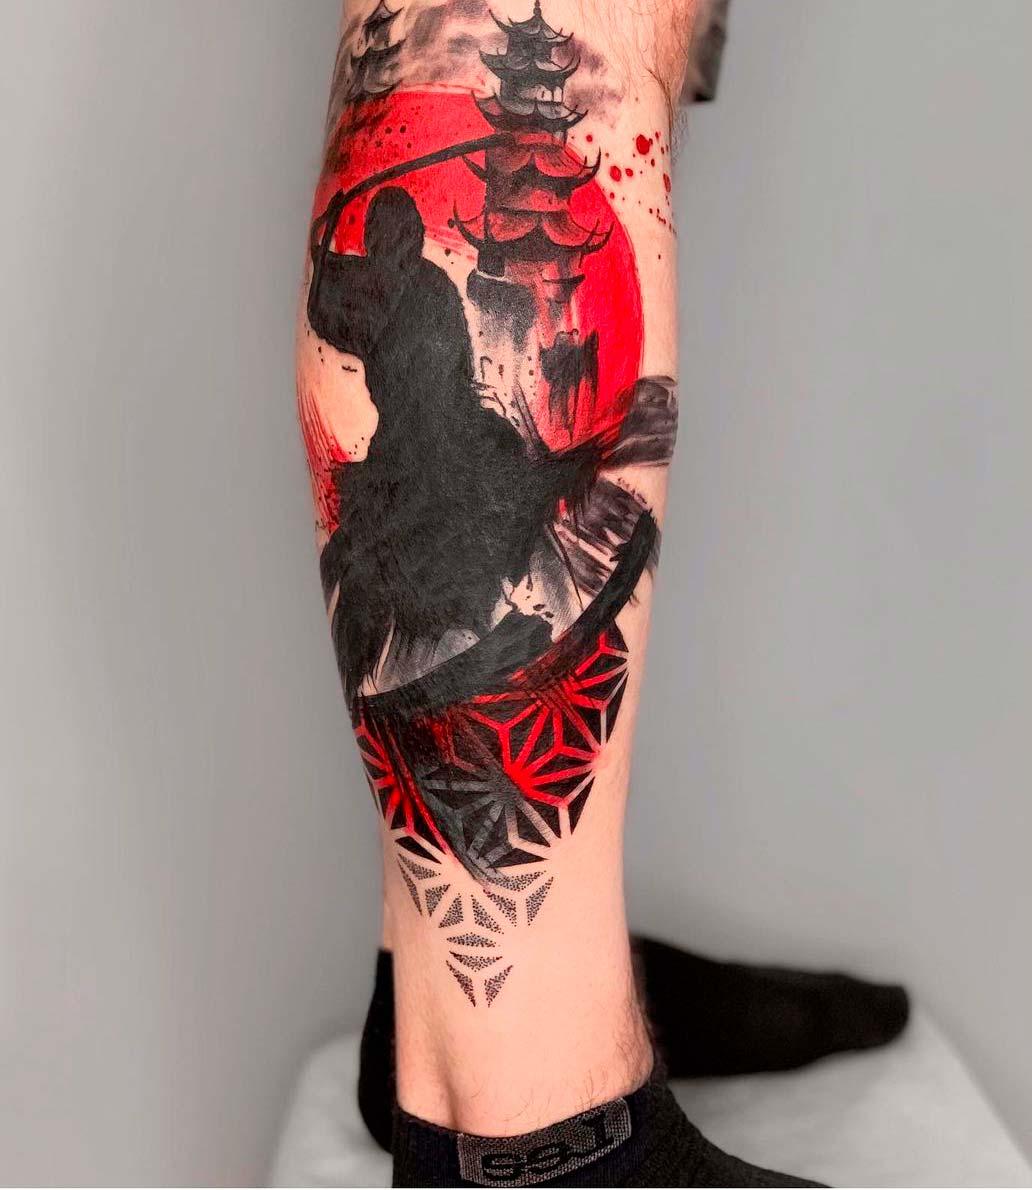 japanese leg tattoos for guys on leg side